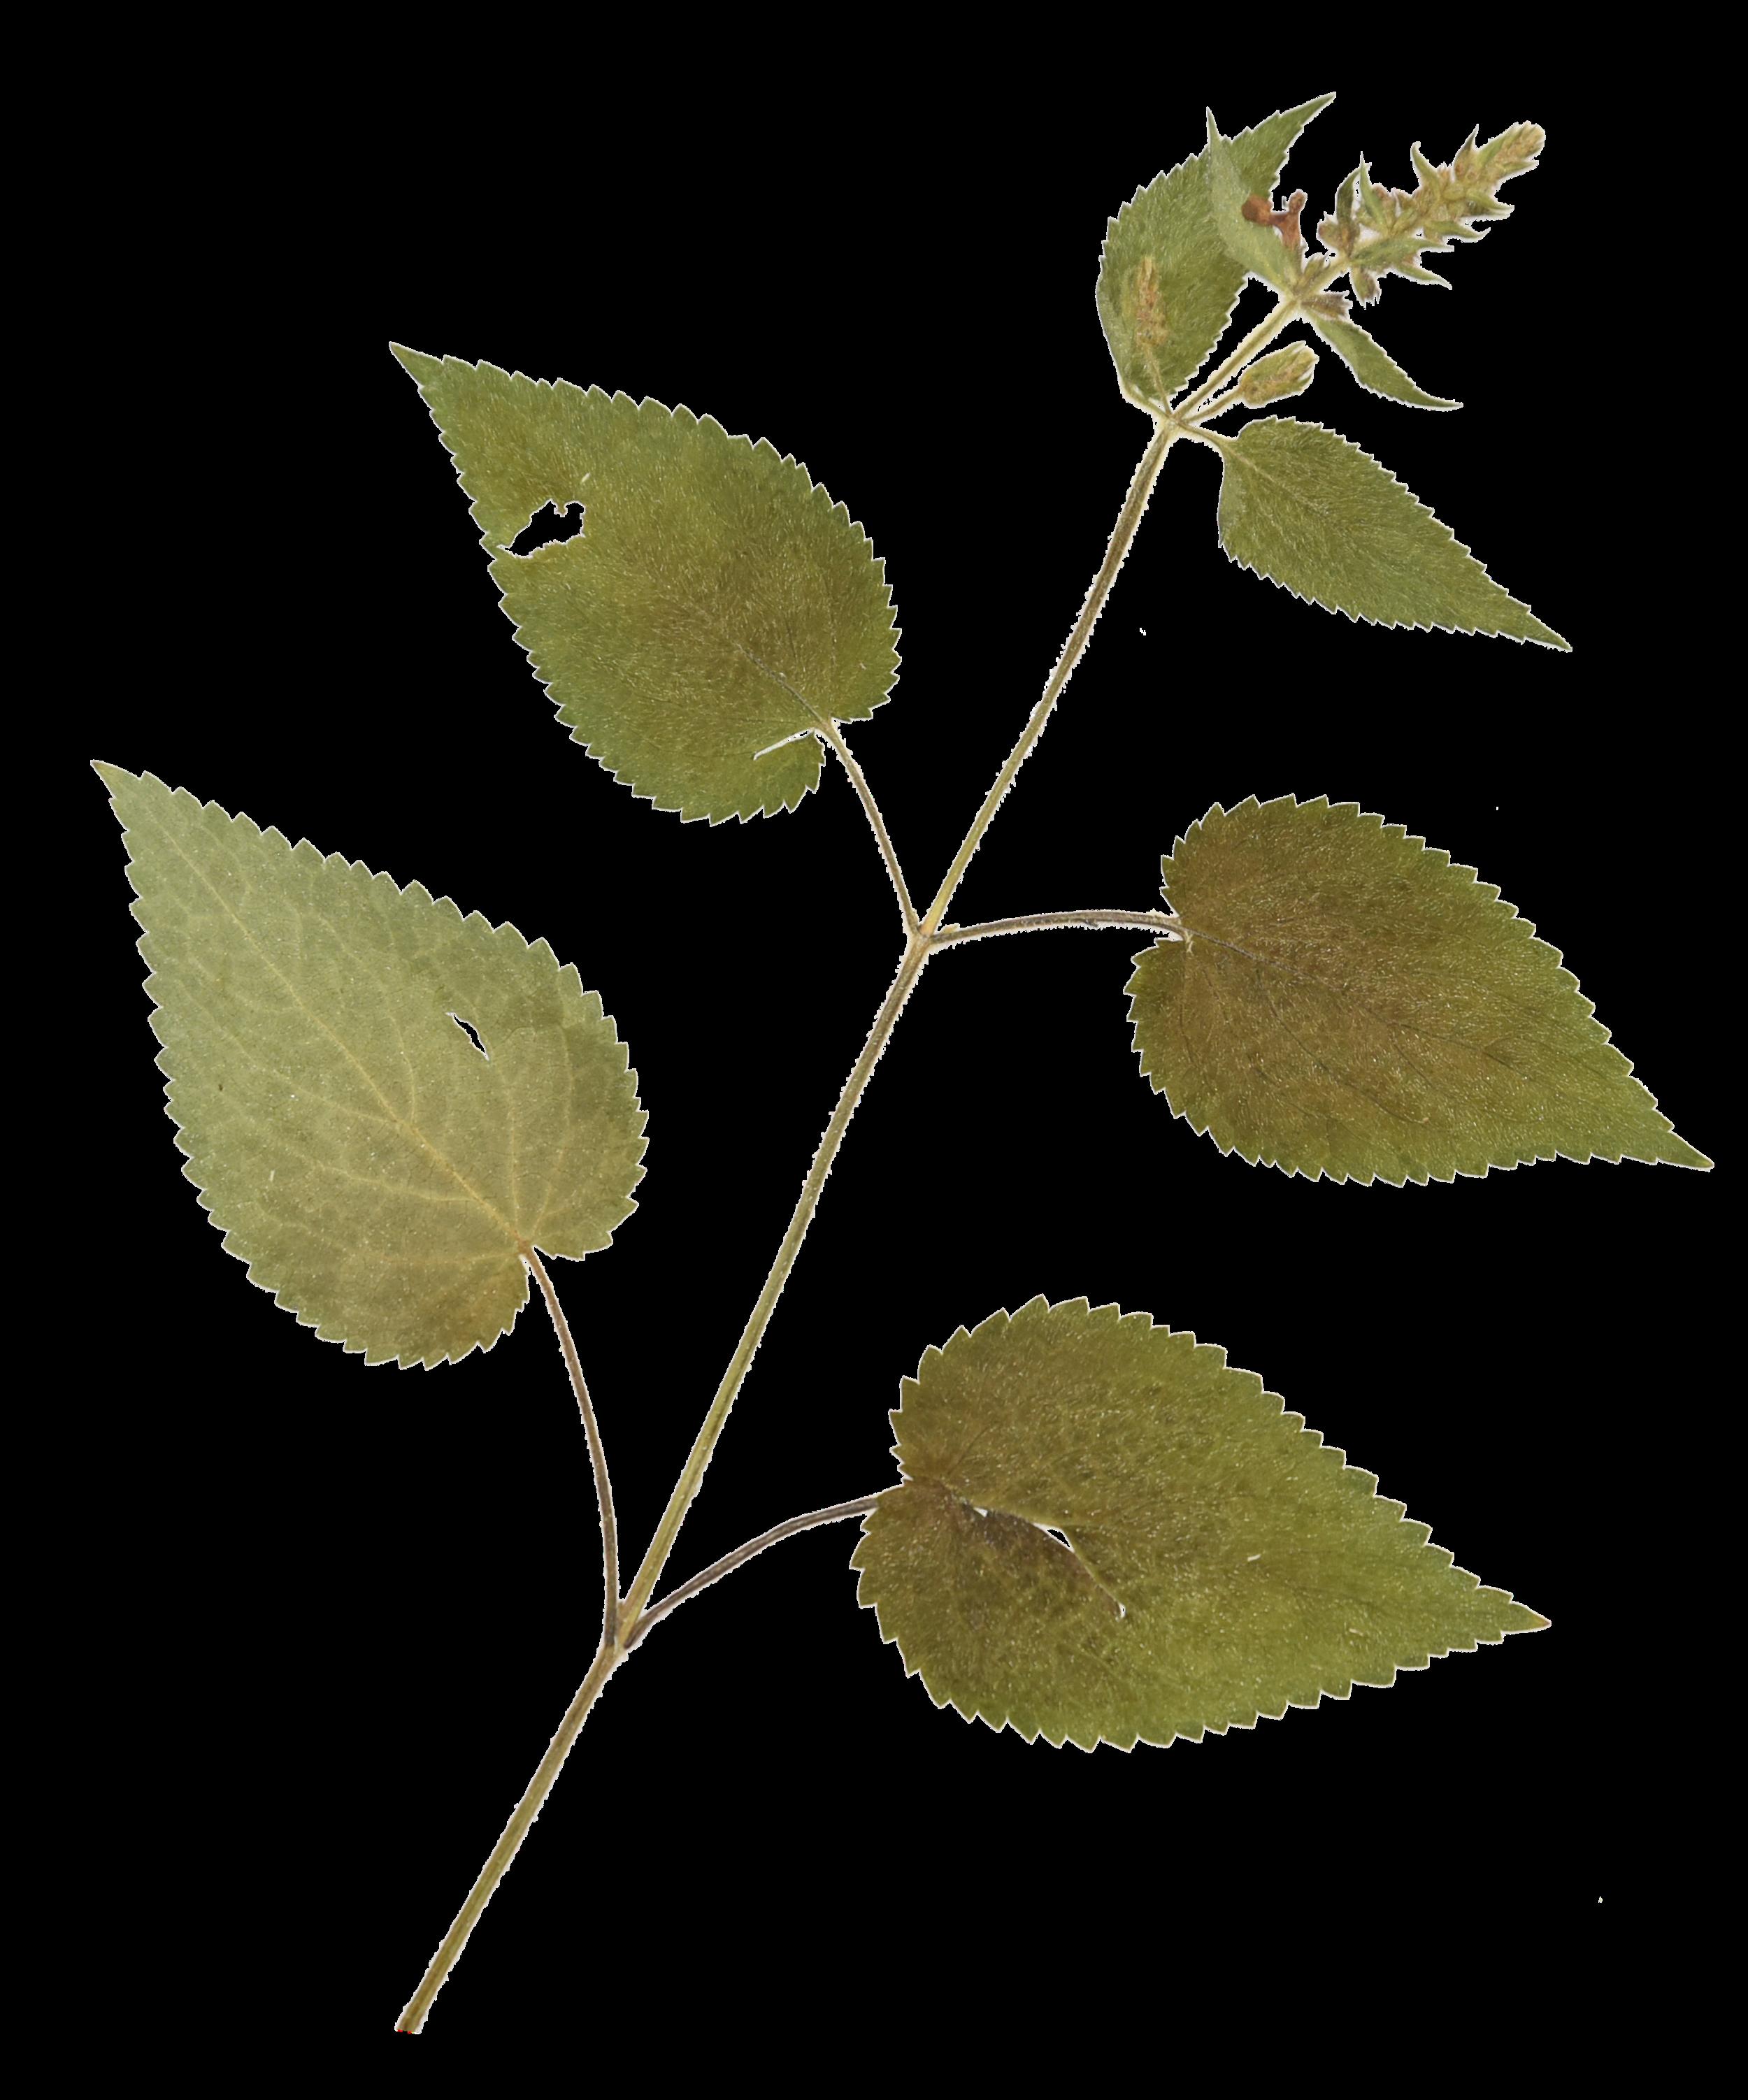 HERBARIUM URBANUM. - Ein Herbarium der Pflanzenarten Mitteleuropas mit Schwerpunkt urbaner Lebensräume. Die Pflanzen werden gepflückt, bestimmt, getrocknet und auf A3 Bögen aufgezogen archiviert. Die Präparate bilden die Basis zur Bebilderung verschiedener Publikationen in Erarbeitung.